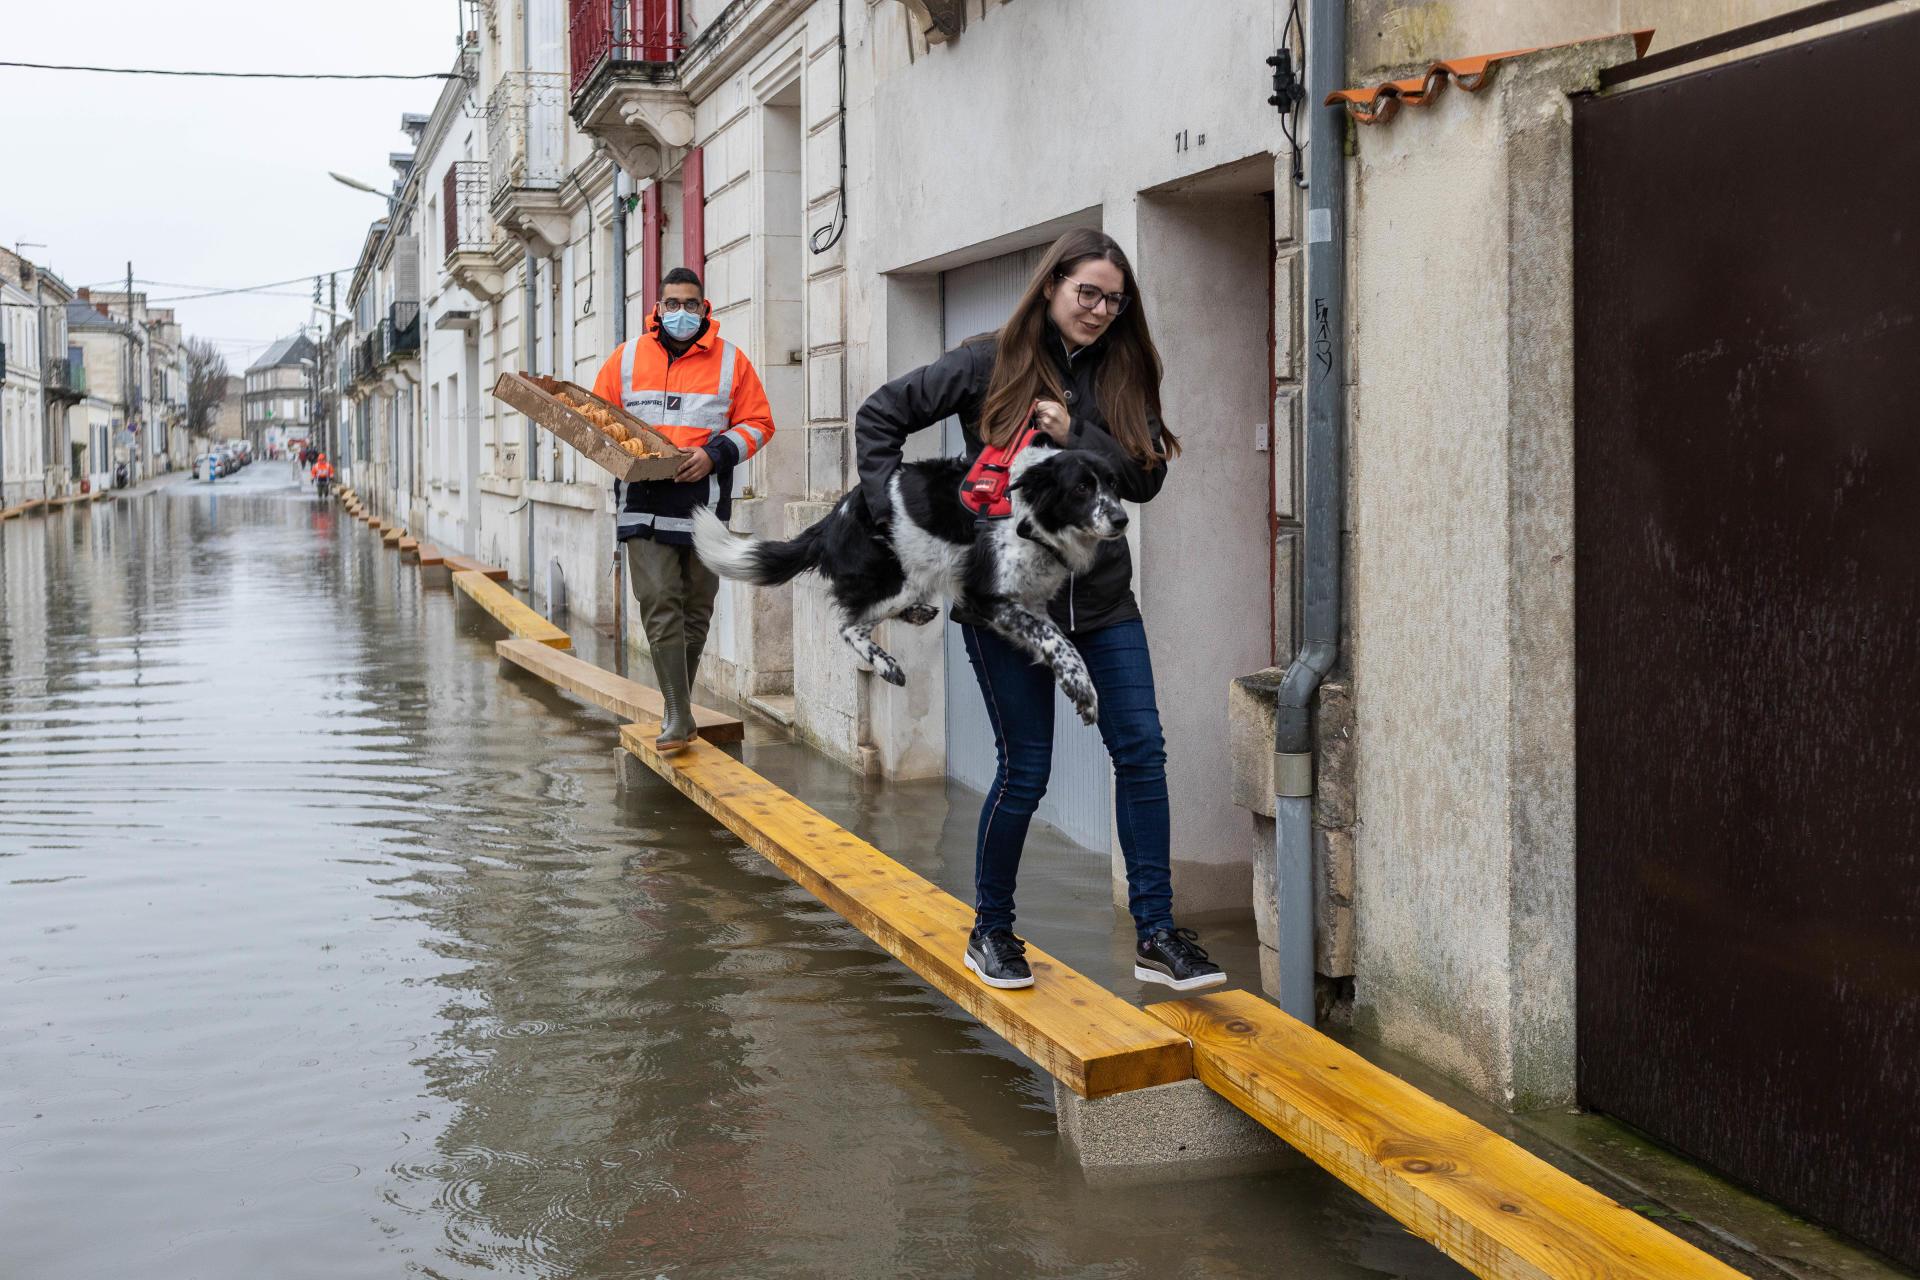 Dans les rues de Saintes, les habitants circulent sur d'étroites planches de bois posées sur des parpaings, pendant la crue de la Charente, le 8 février.